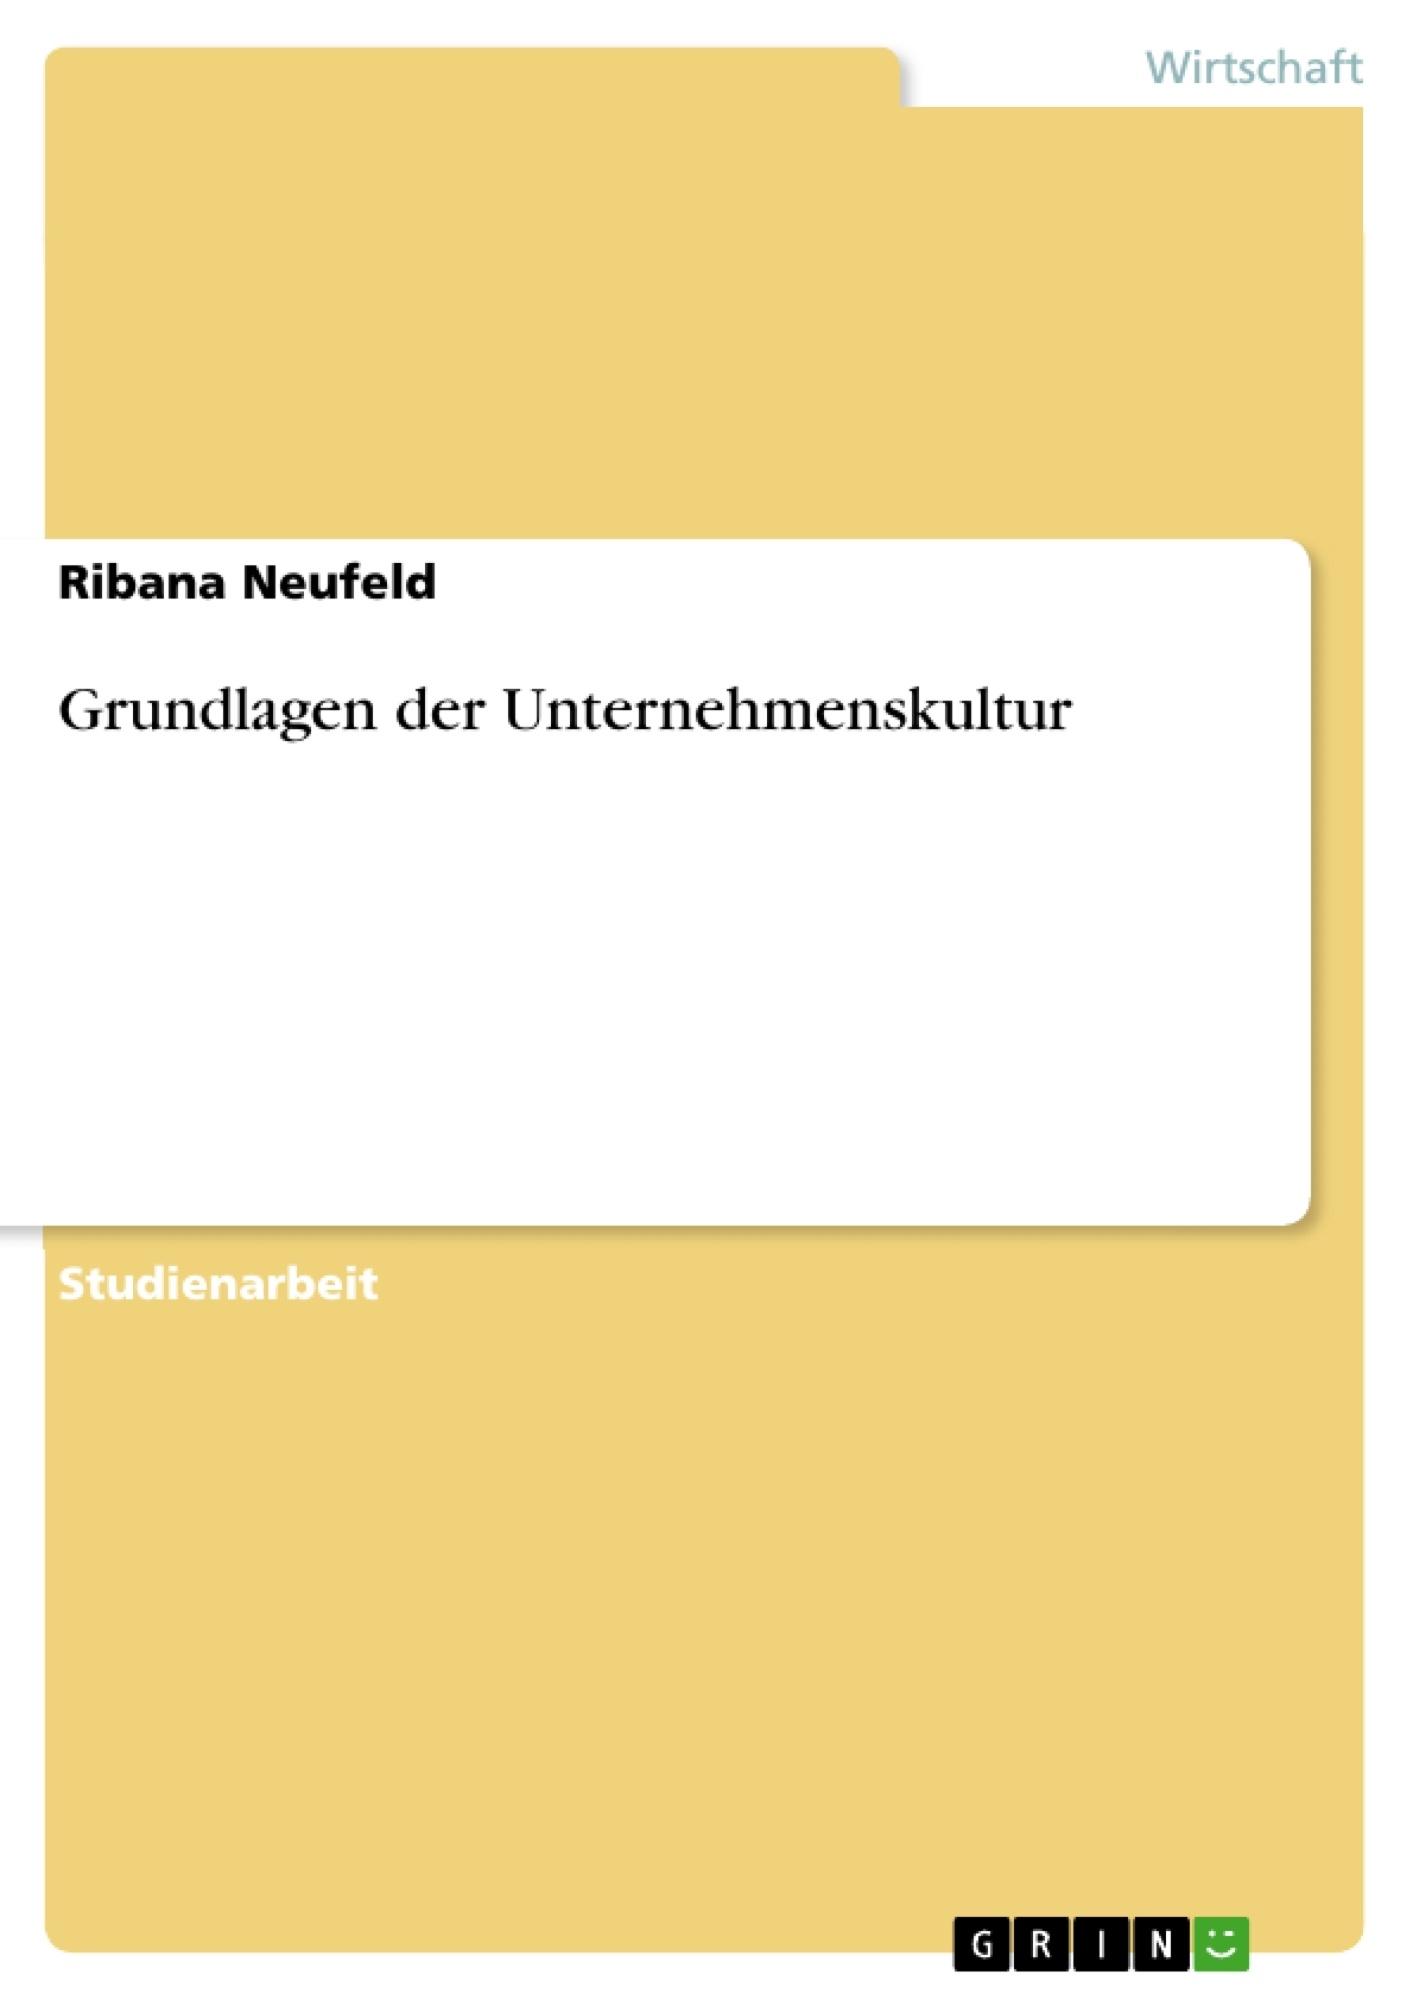 Titel: Grundlagen der Unternehmenskultur